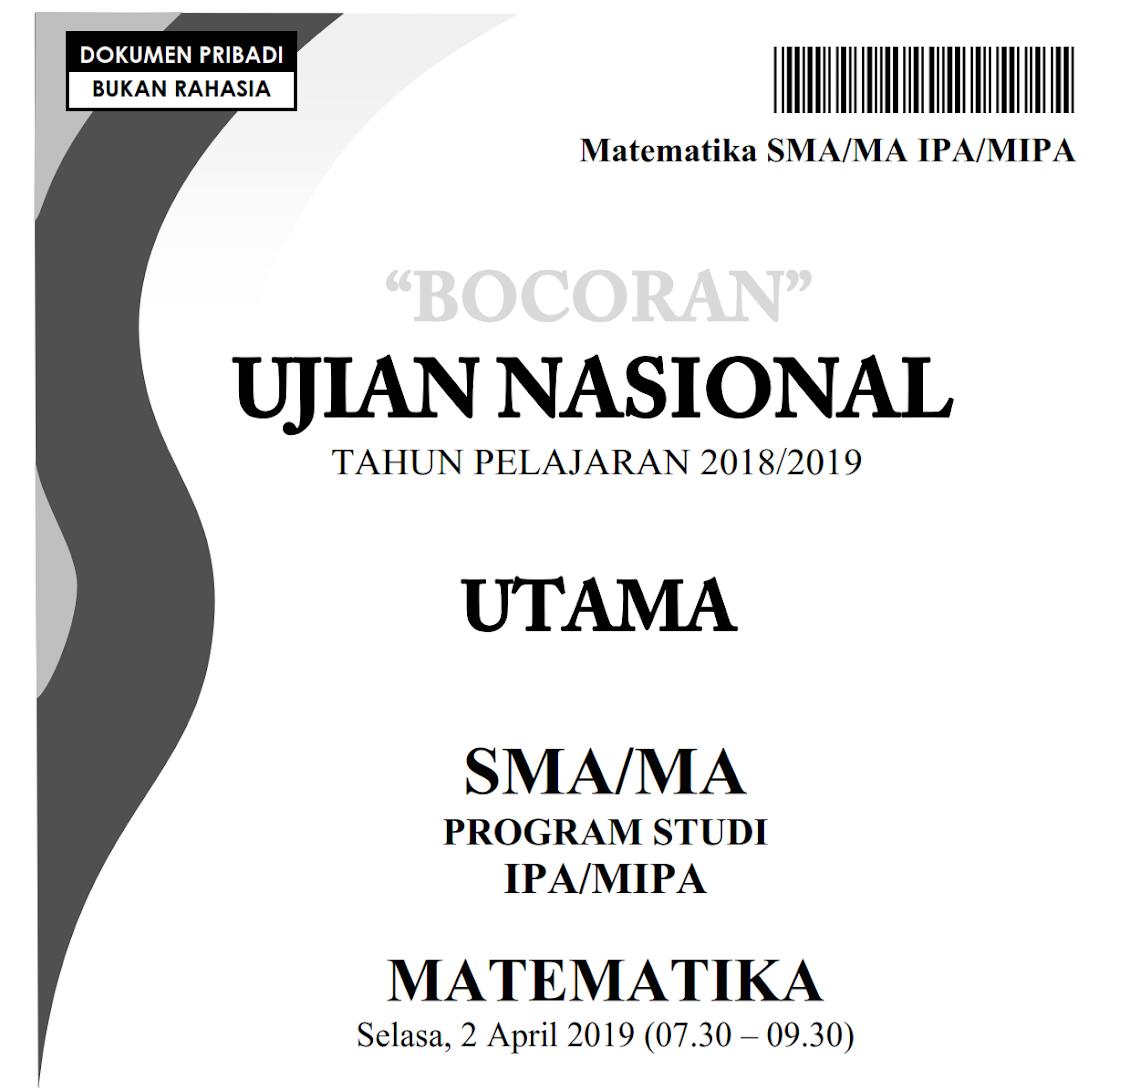 Sup Pdf Sup Bocoran Soal Un Matematika Ipa Sma 2019 Unbk Sma 2019 Versi Pak Anang Tomatalikuang Com Berita Pendidikan Terbaru